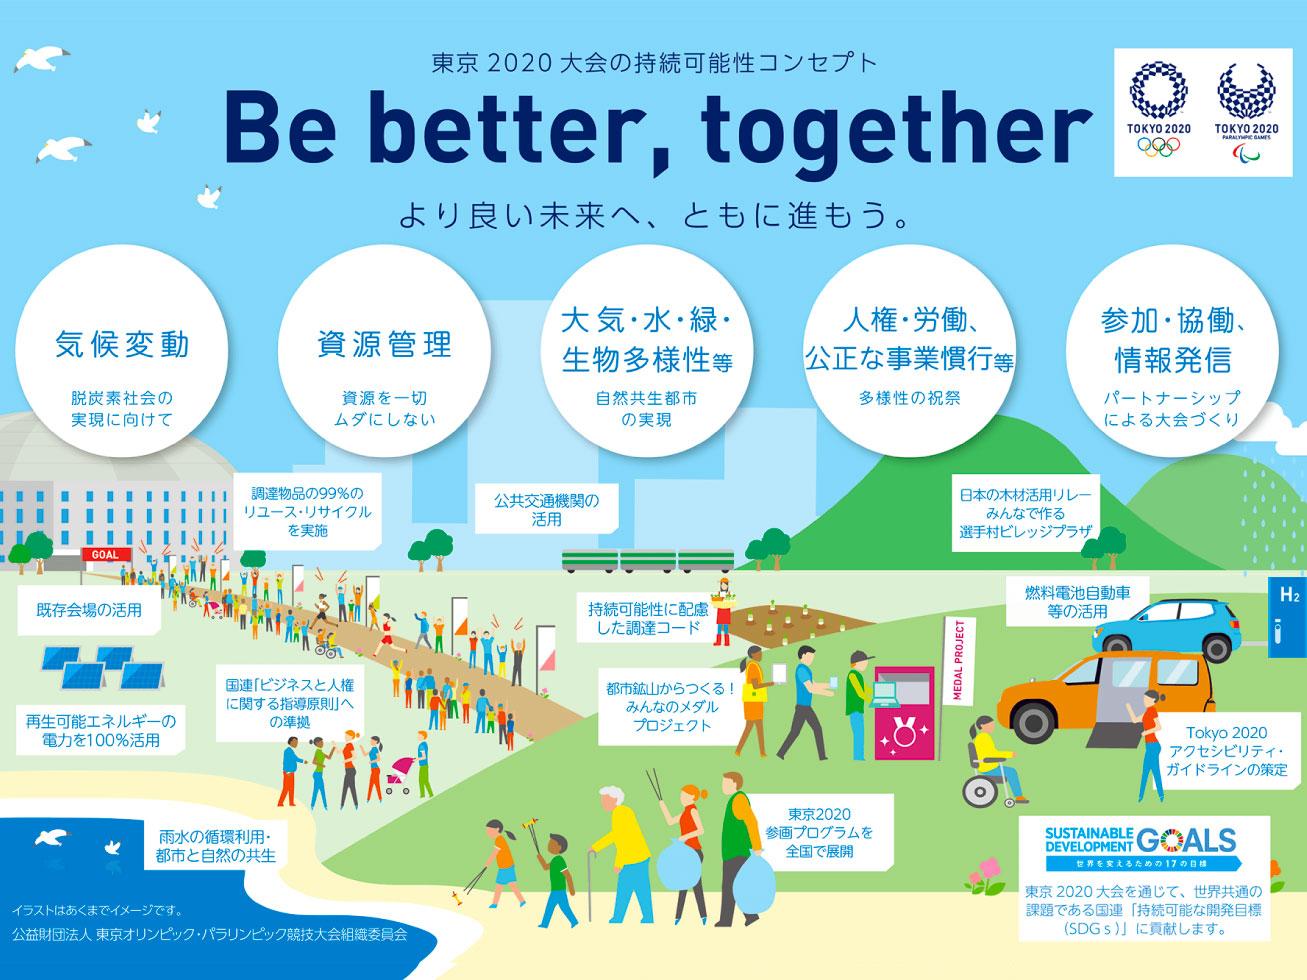 東京2020オリンピックのコンセプトは?